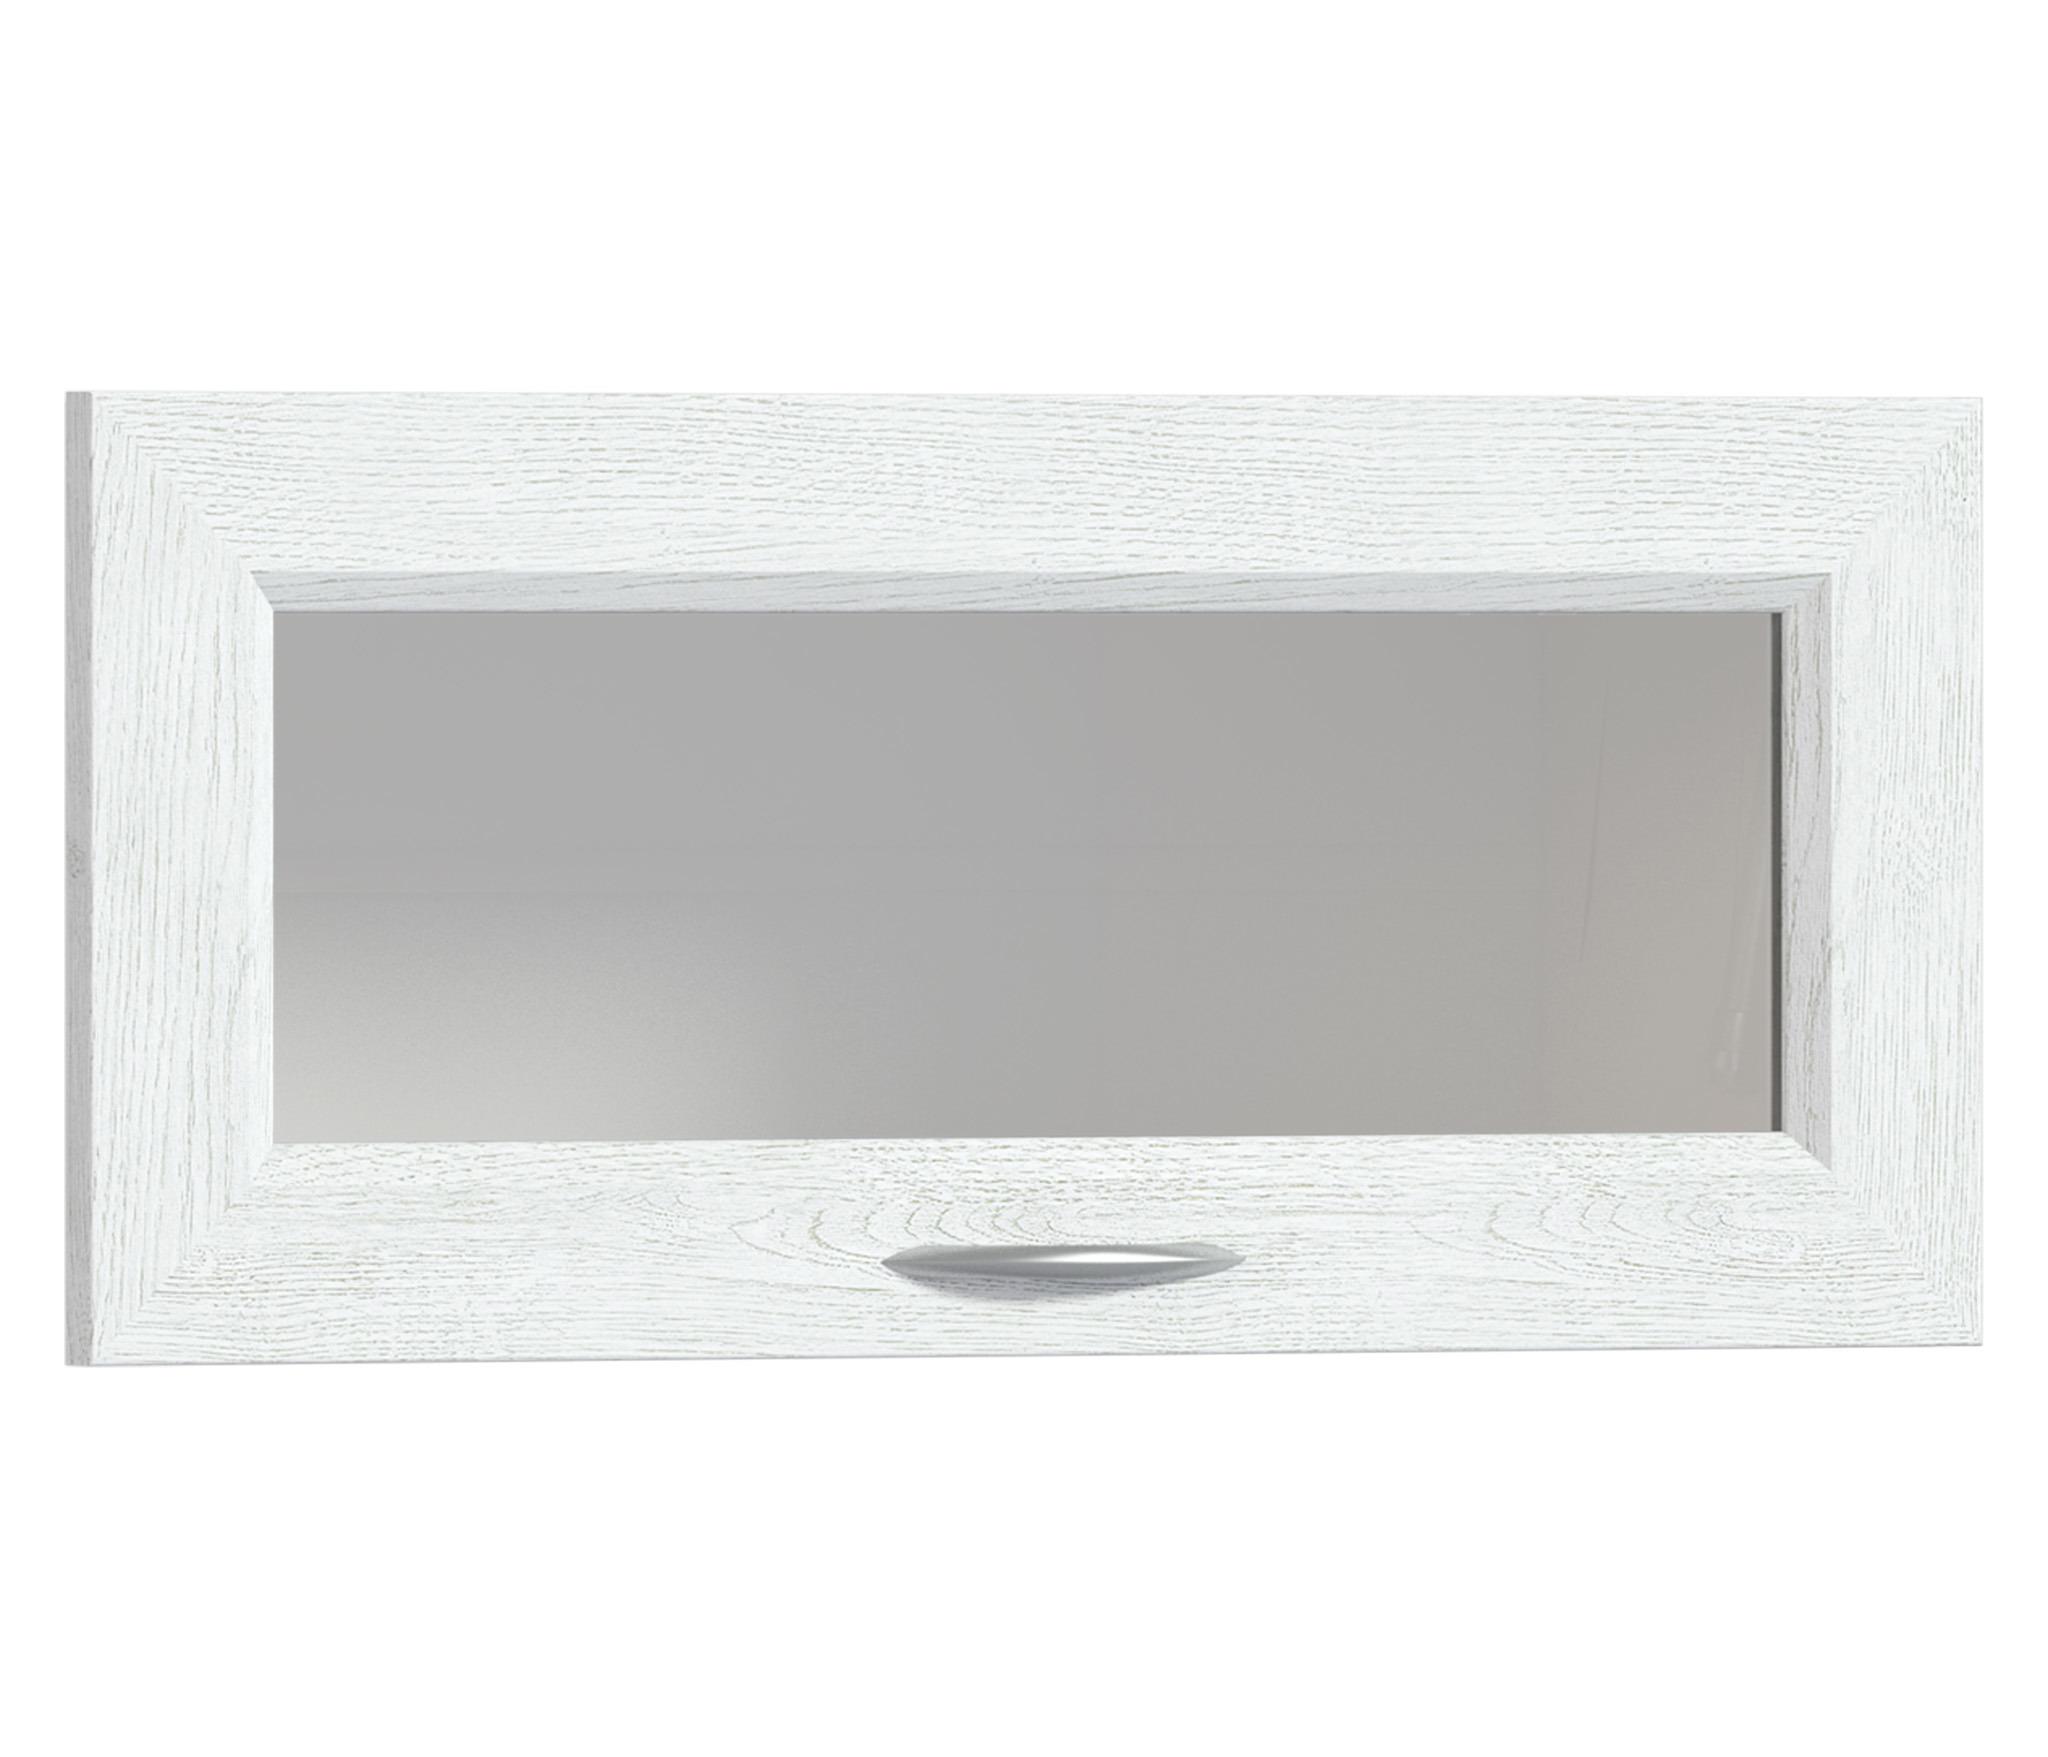 Регина ФВ-280 витринаКухня<br><br><br>Длина мм: 796<br>Высота мм: 355<br>Глубина мм: 21